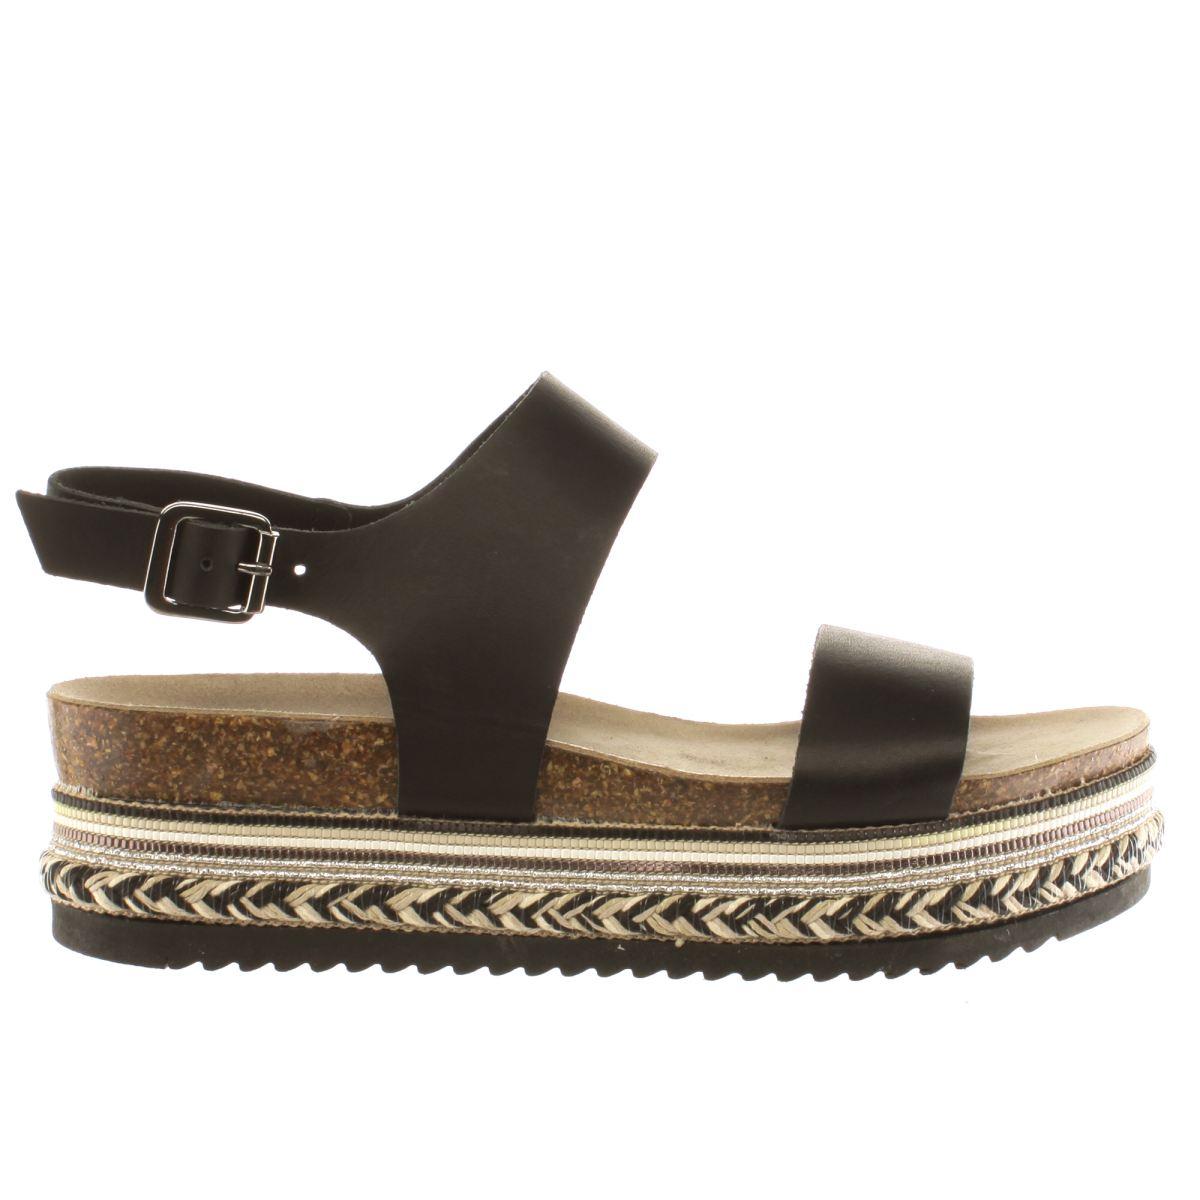 schuh black miami sandals